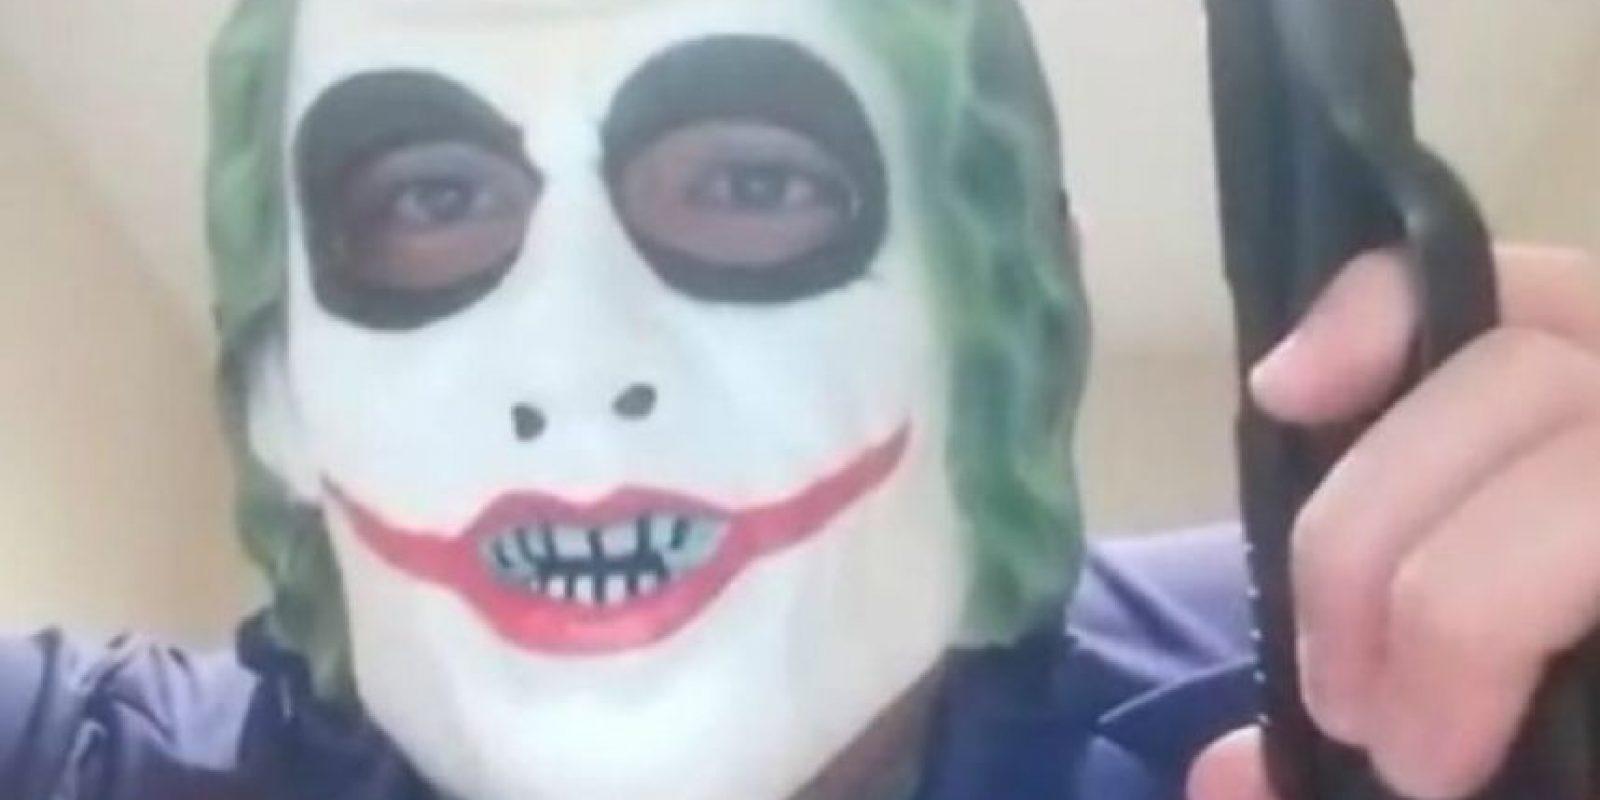 """Un joven de 24 años disfrazado de """"The Joker"""", amenazó con matar a un musulmán. Foto:Vía Twitter"""